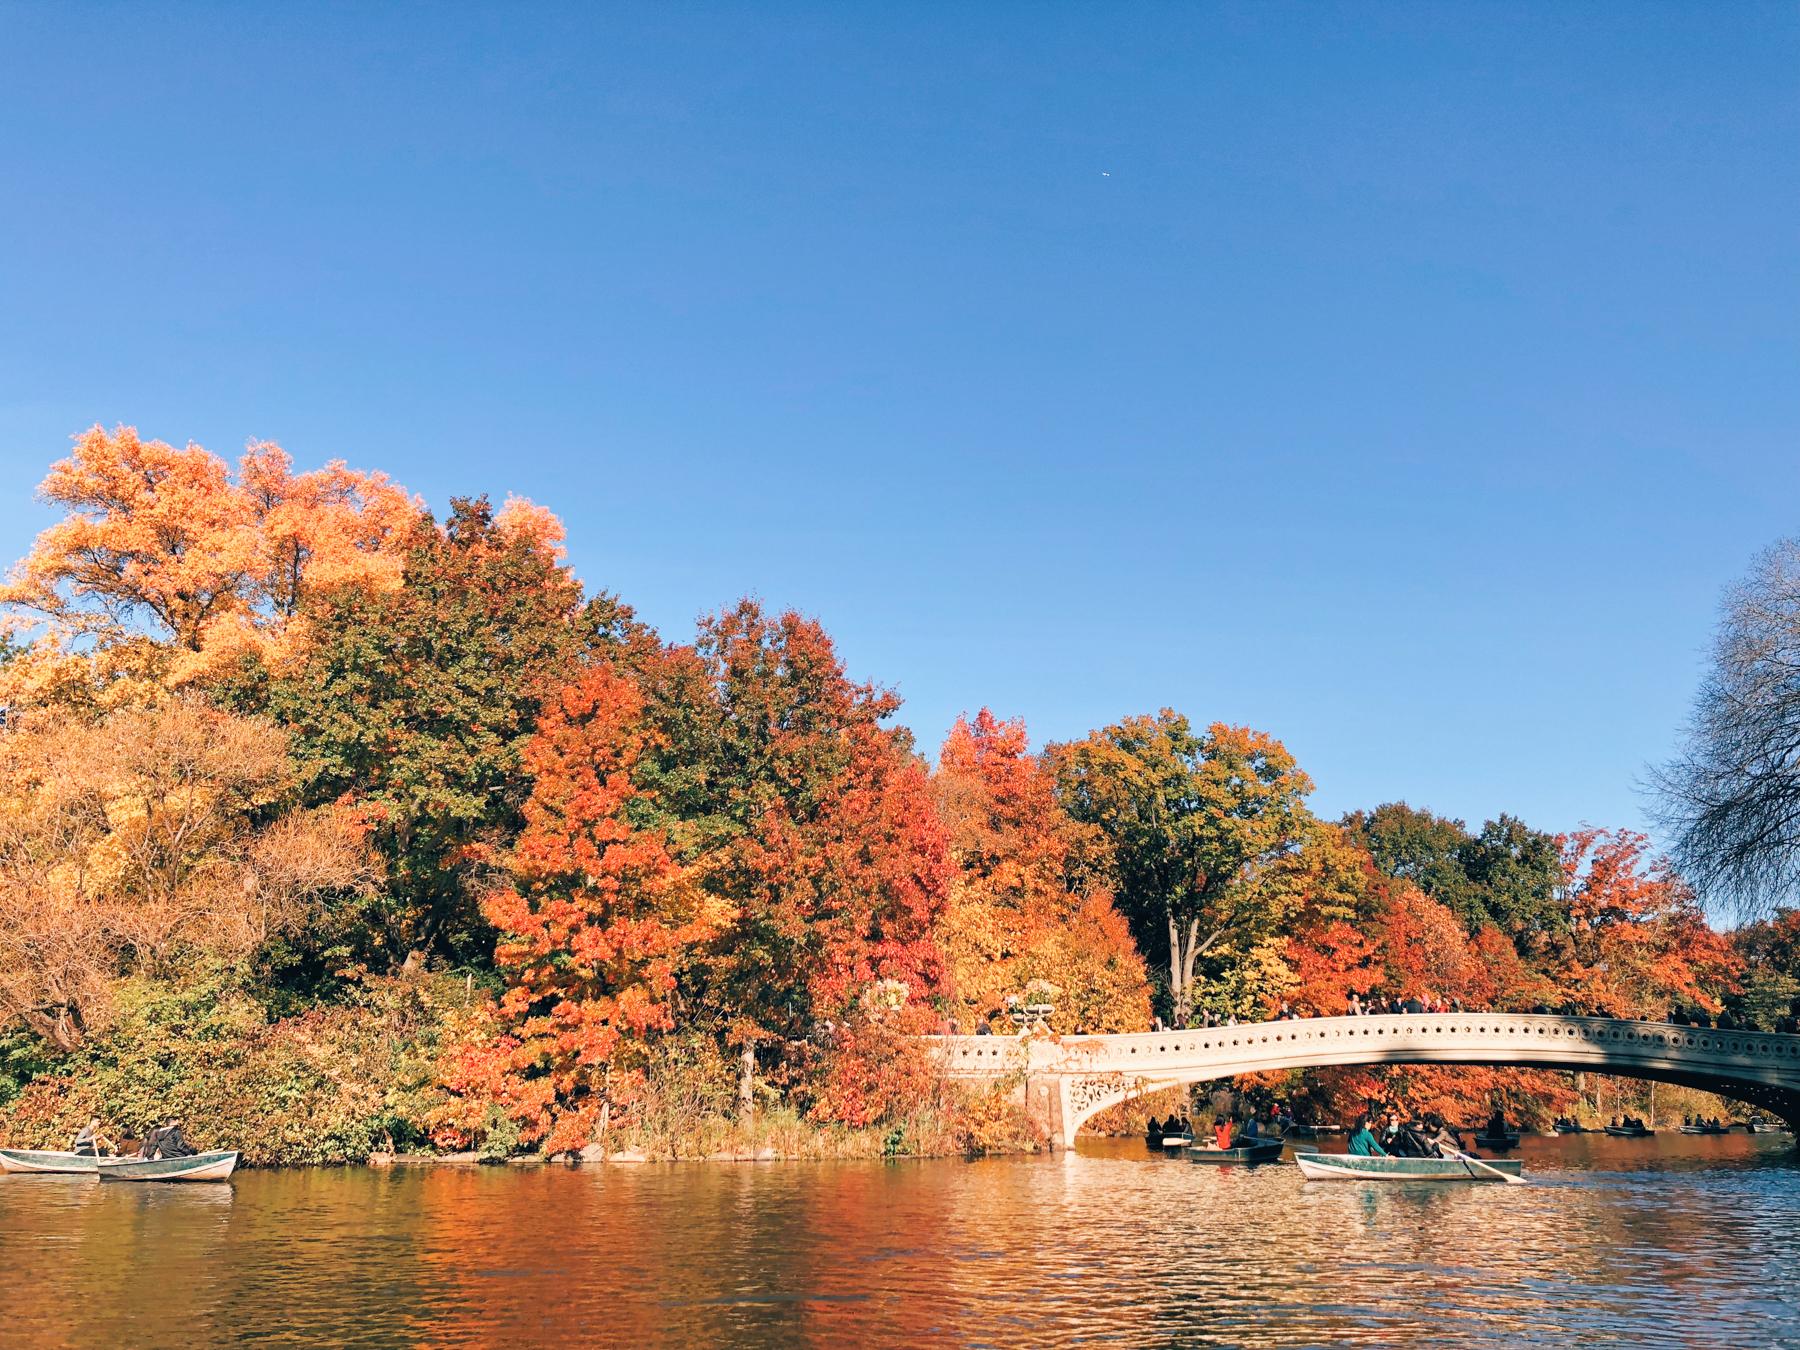 Central Park, Bow Bridge